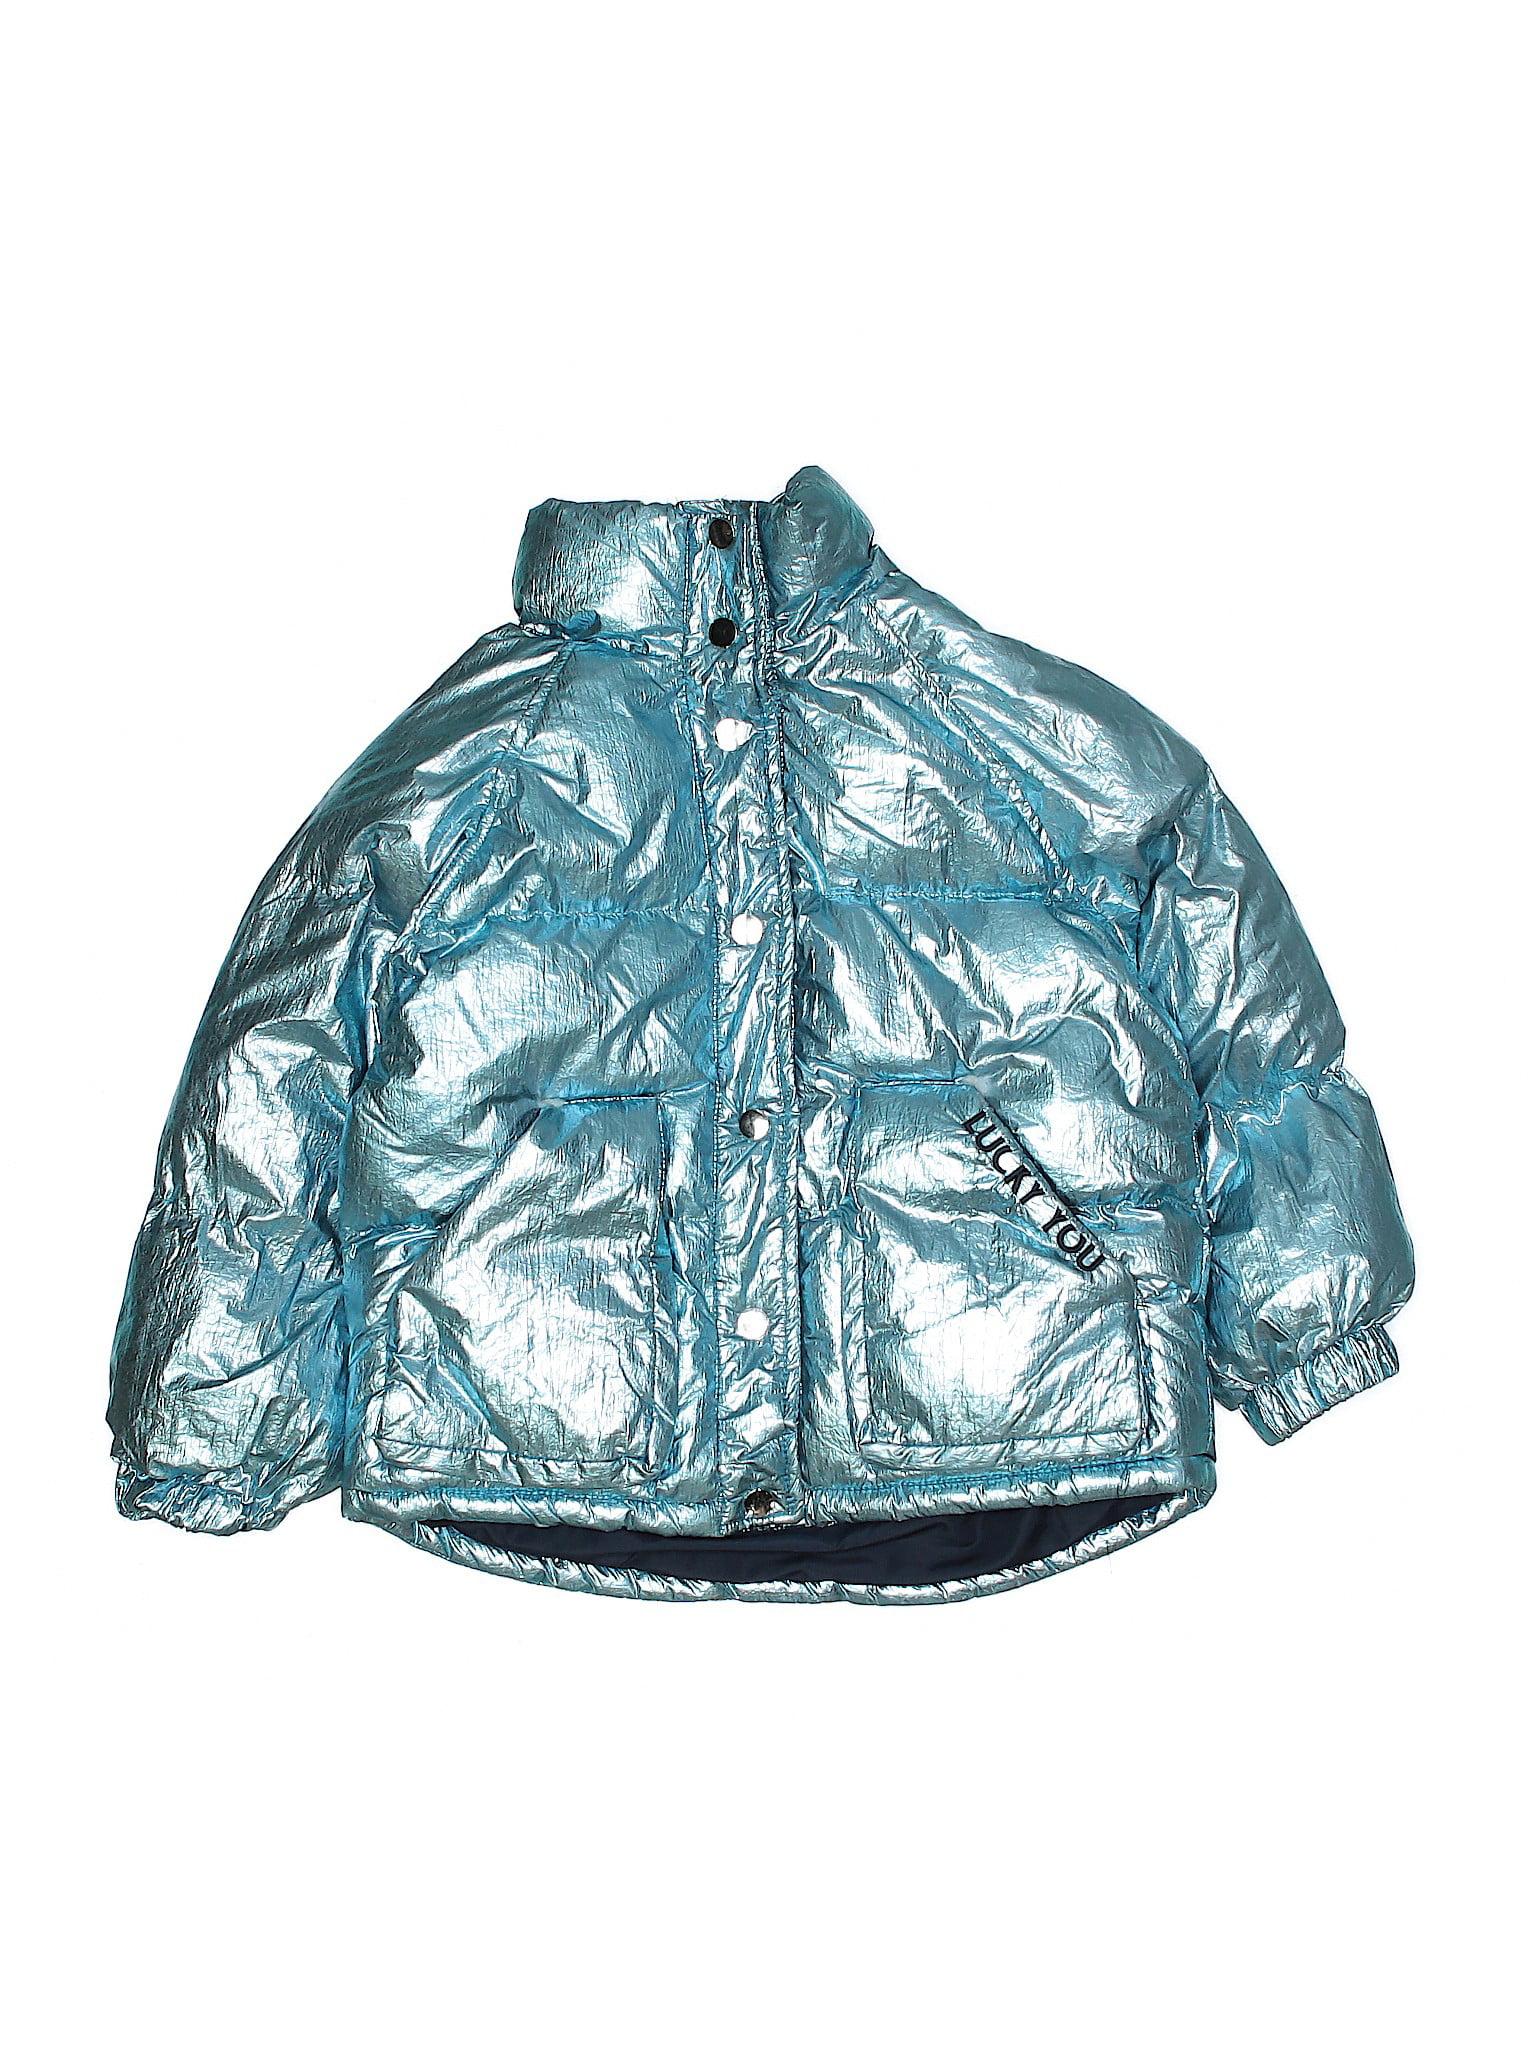 Zara Kids - Pre-Owned Zara Kids Girl's Size 6 Coat ...